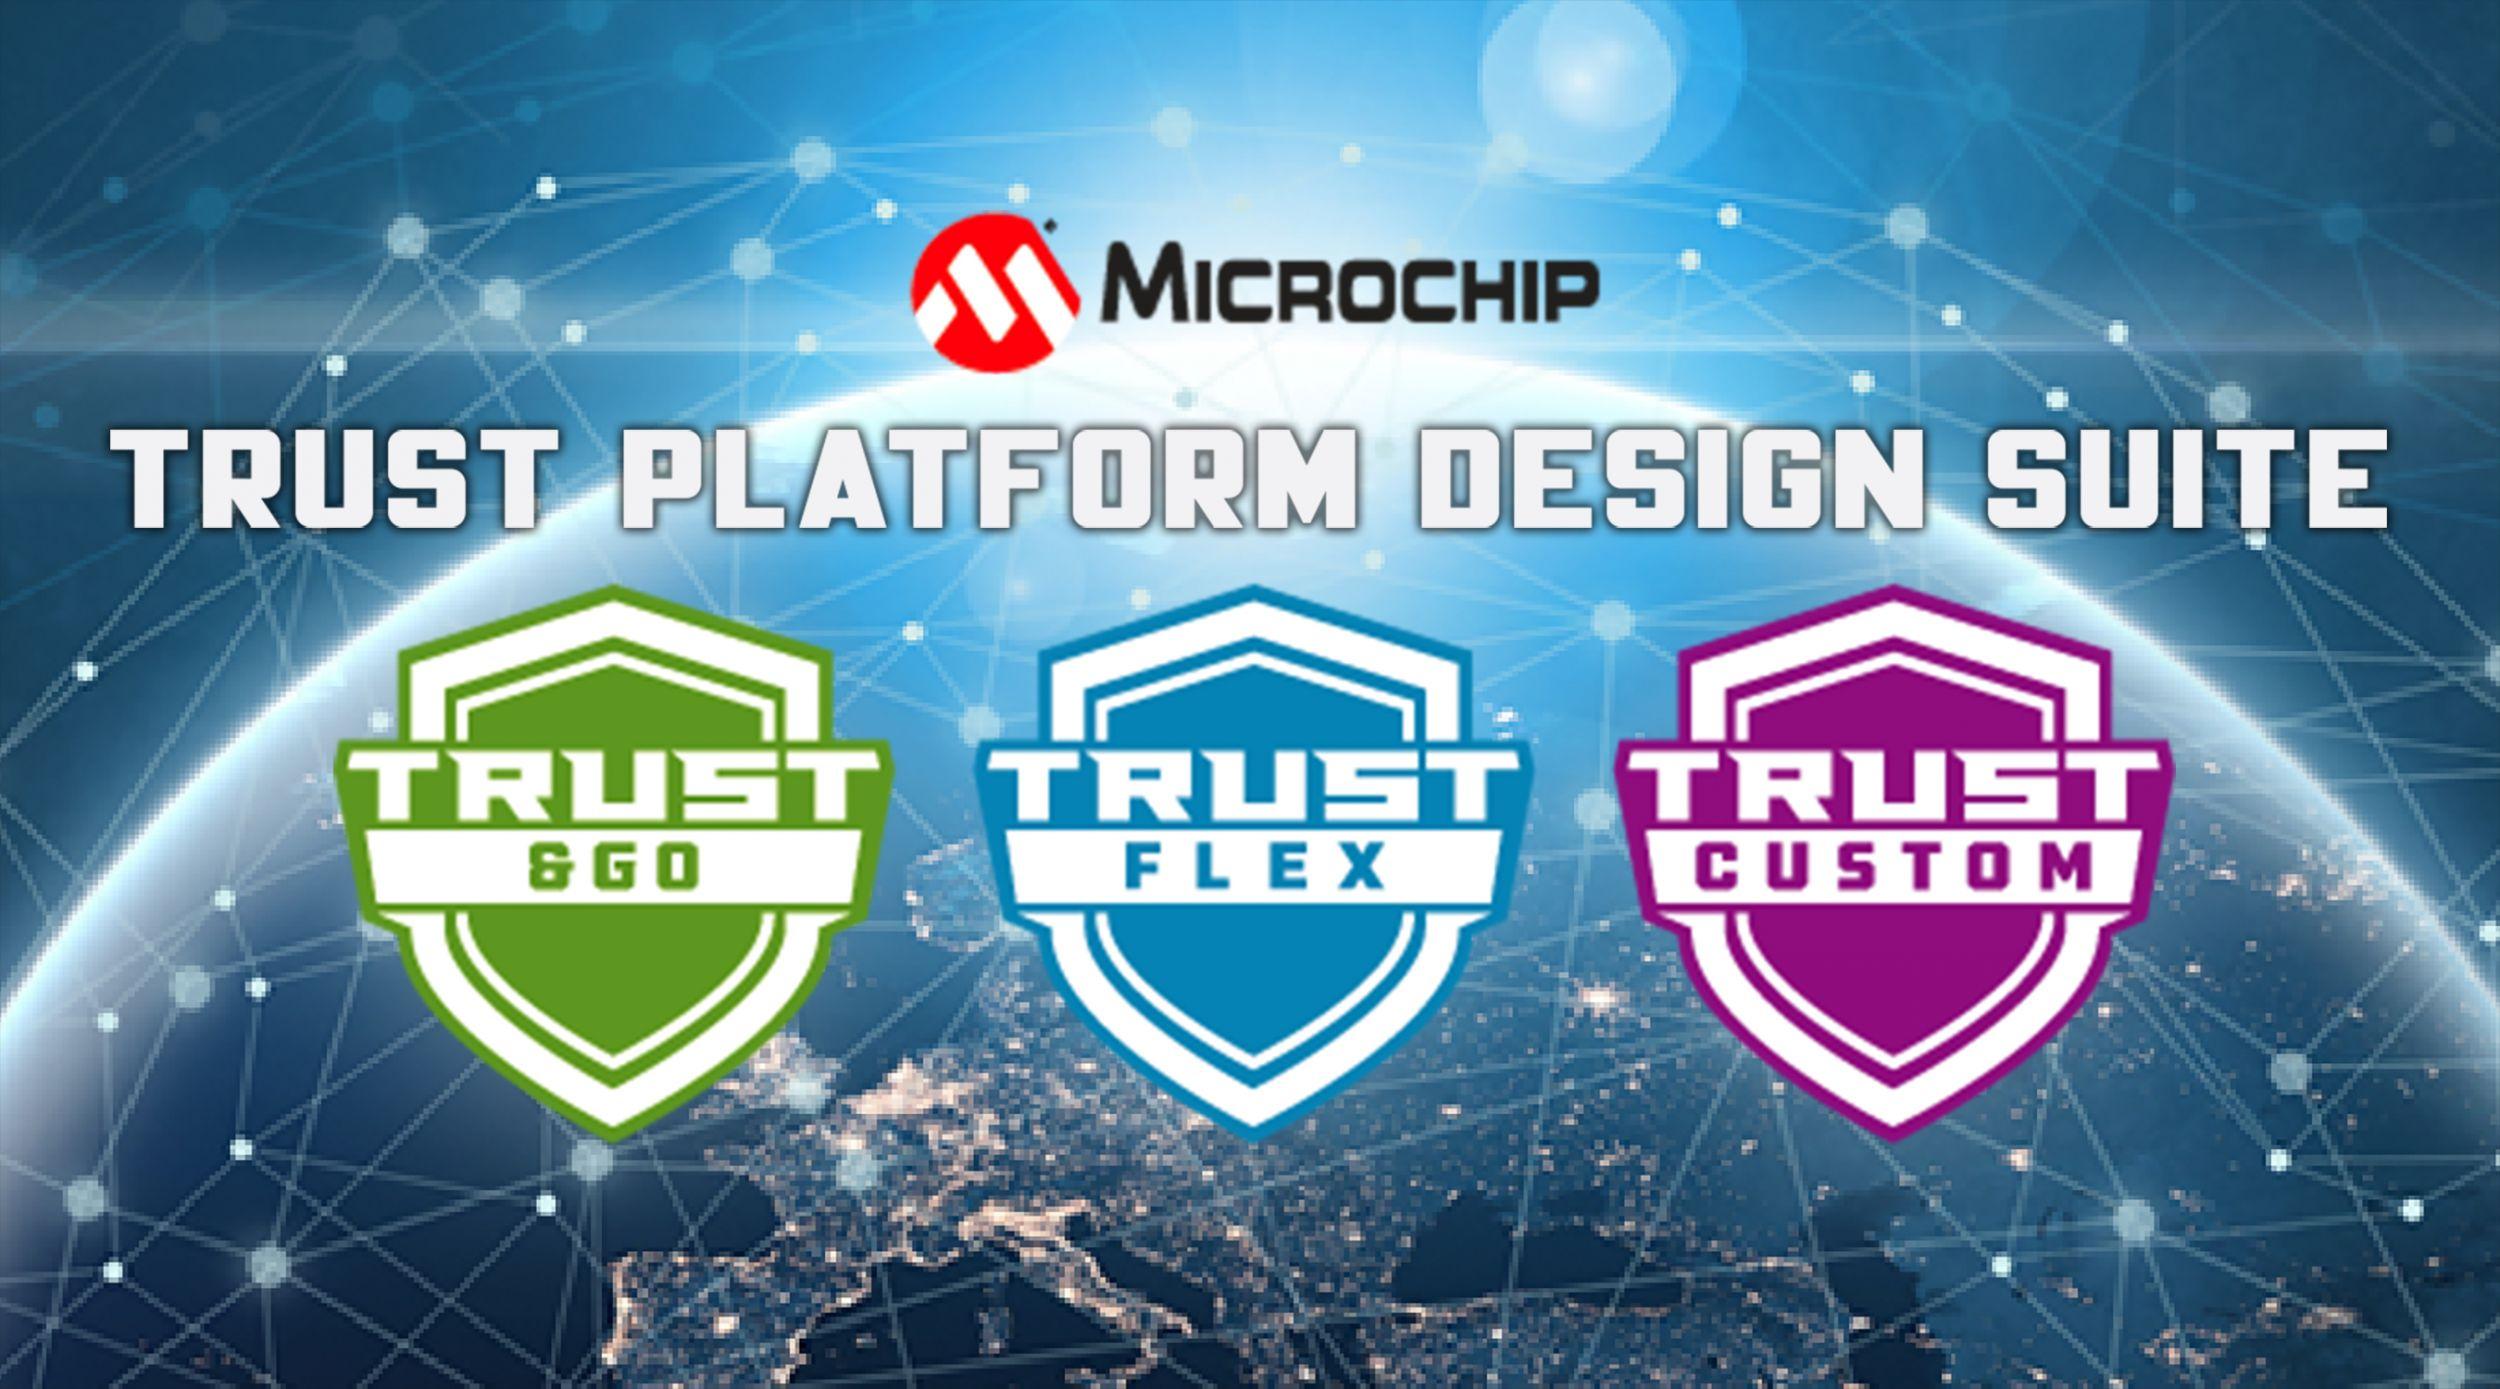 Trust Platform Design Suite beschleunigt Embedded-Sicherheit